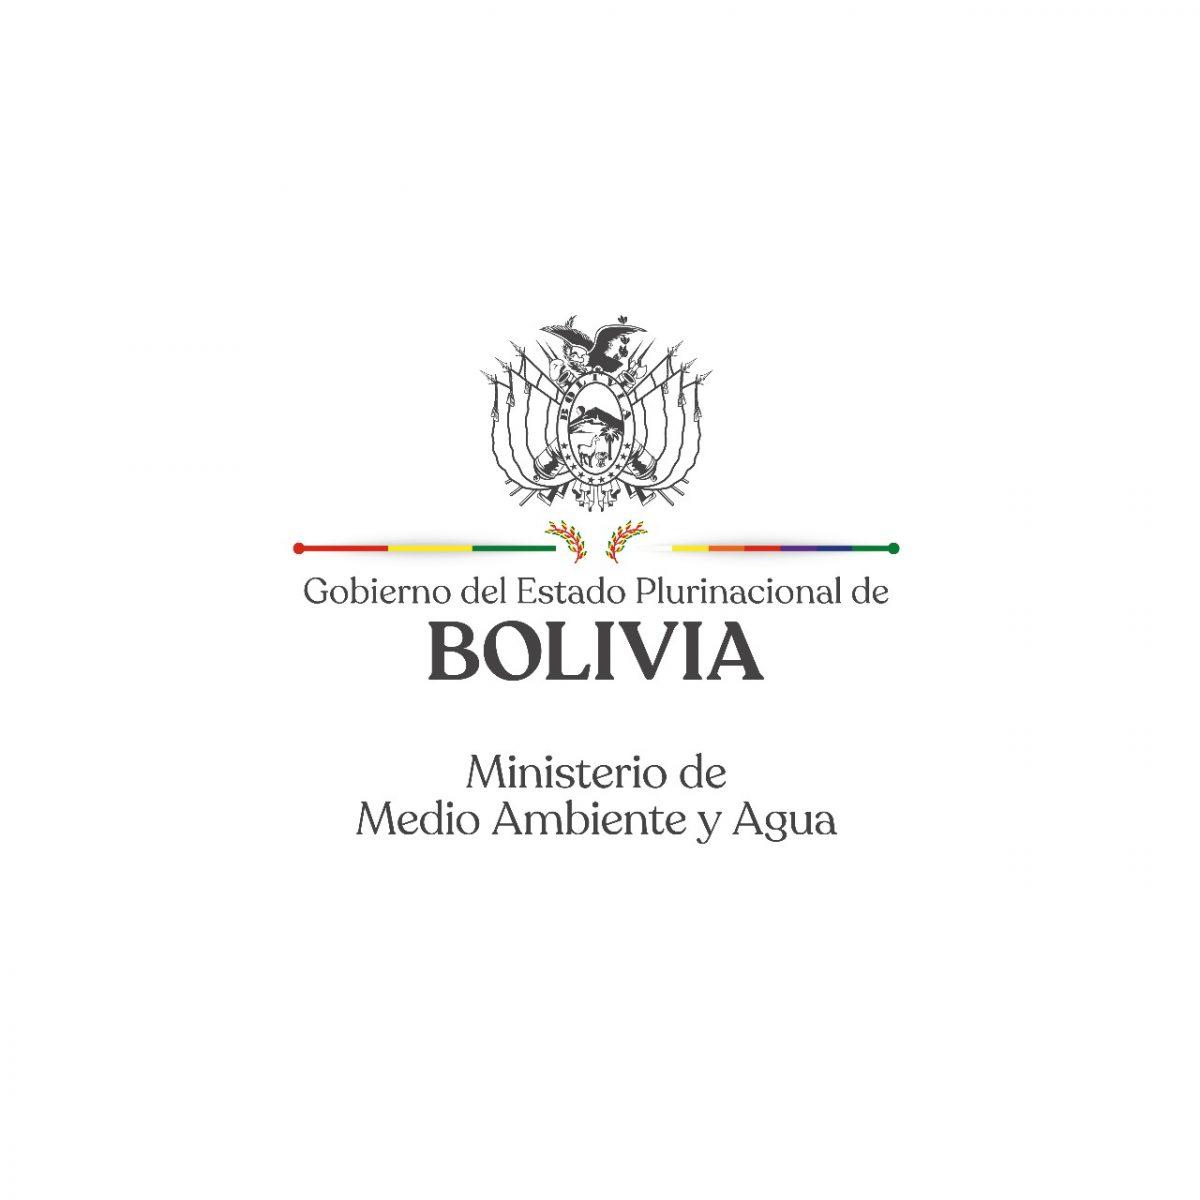 MINISTERIO DE MEDIO AMBIENTE Y AGUA